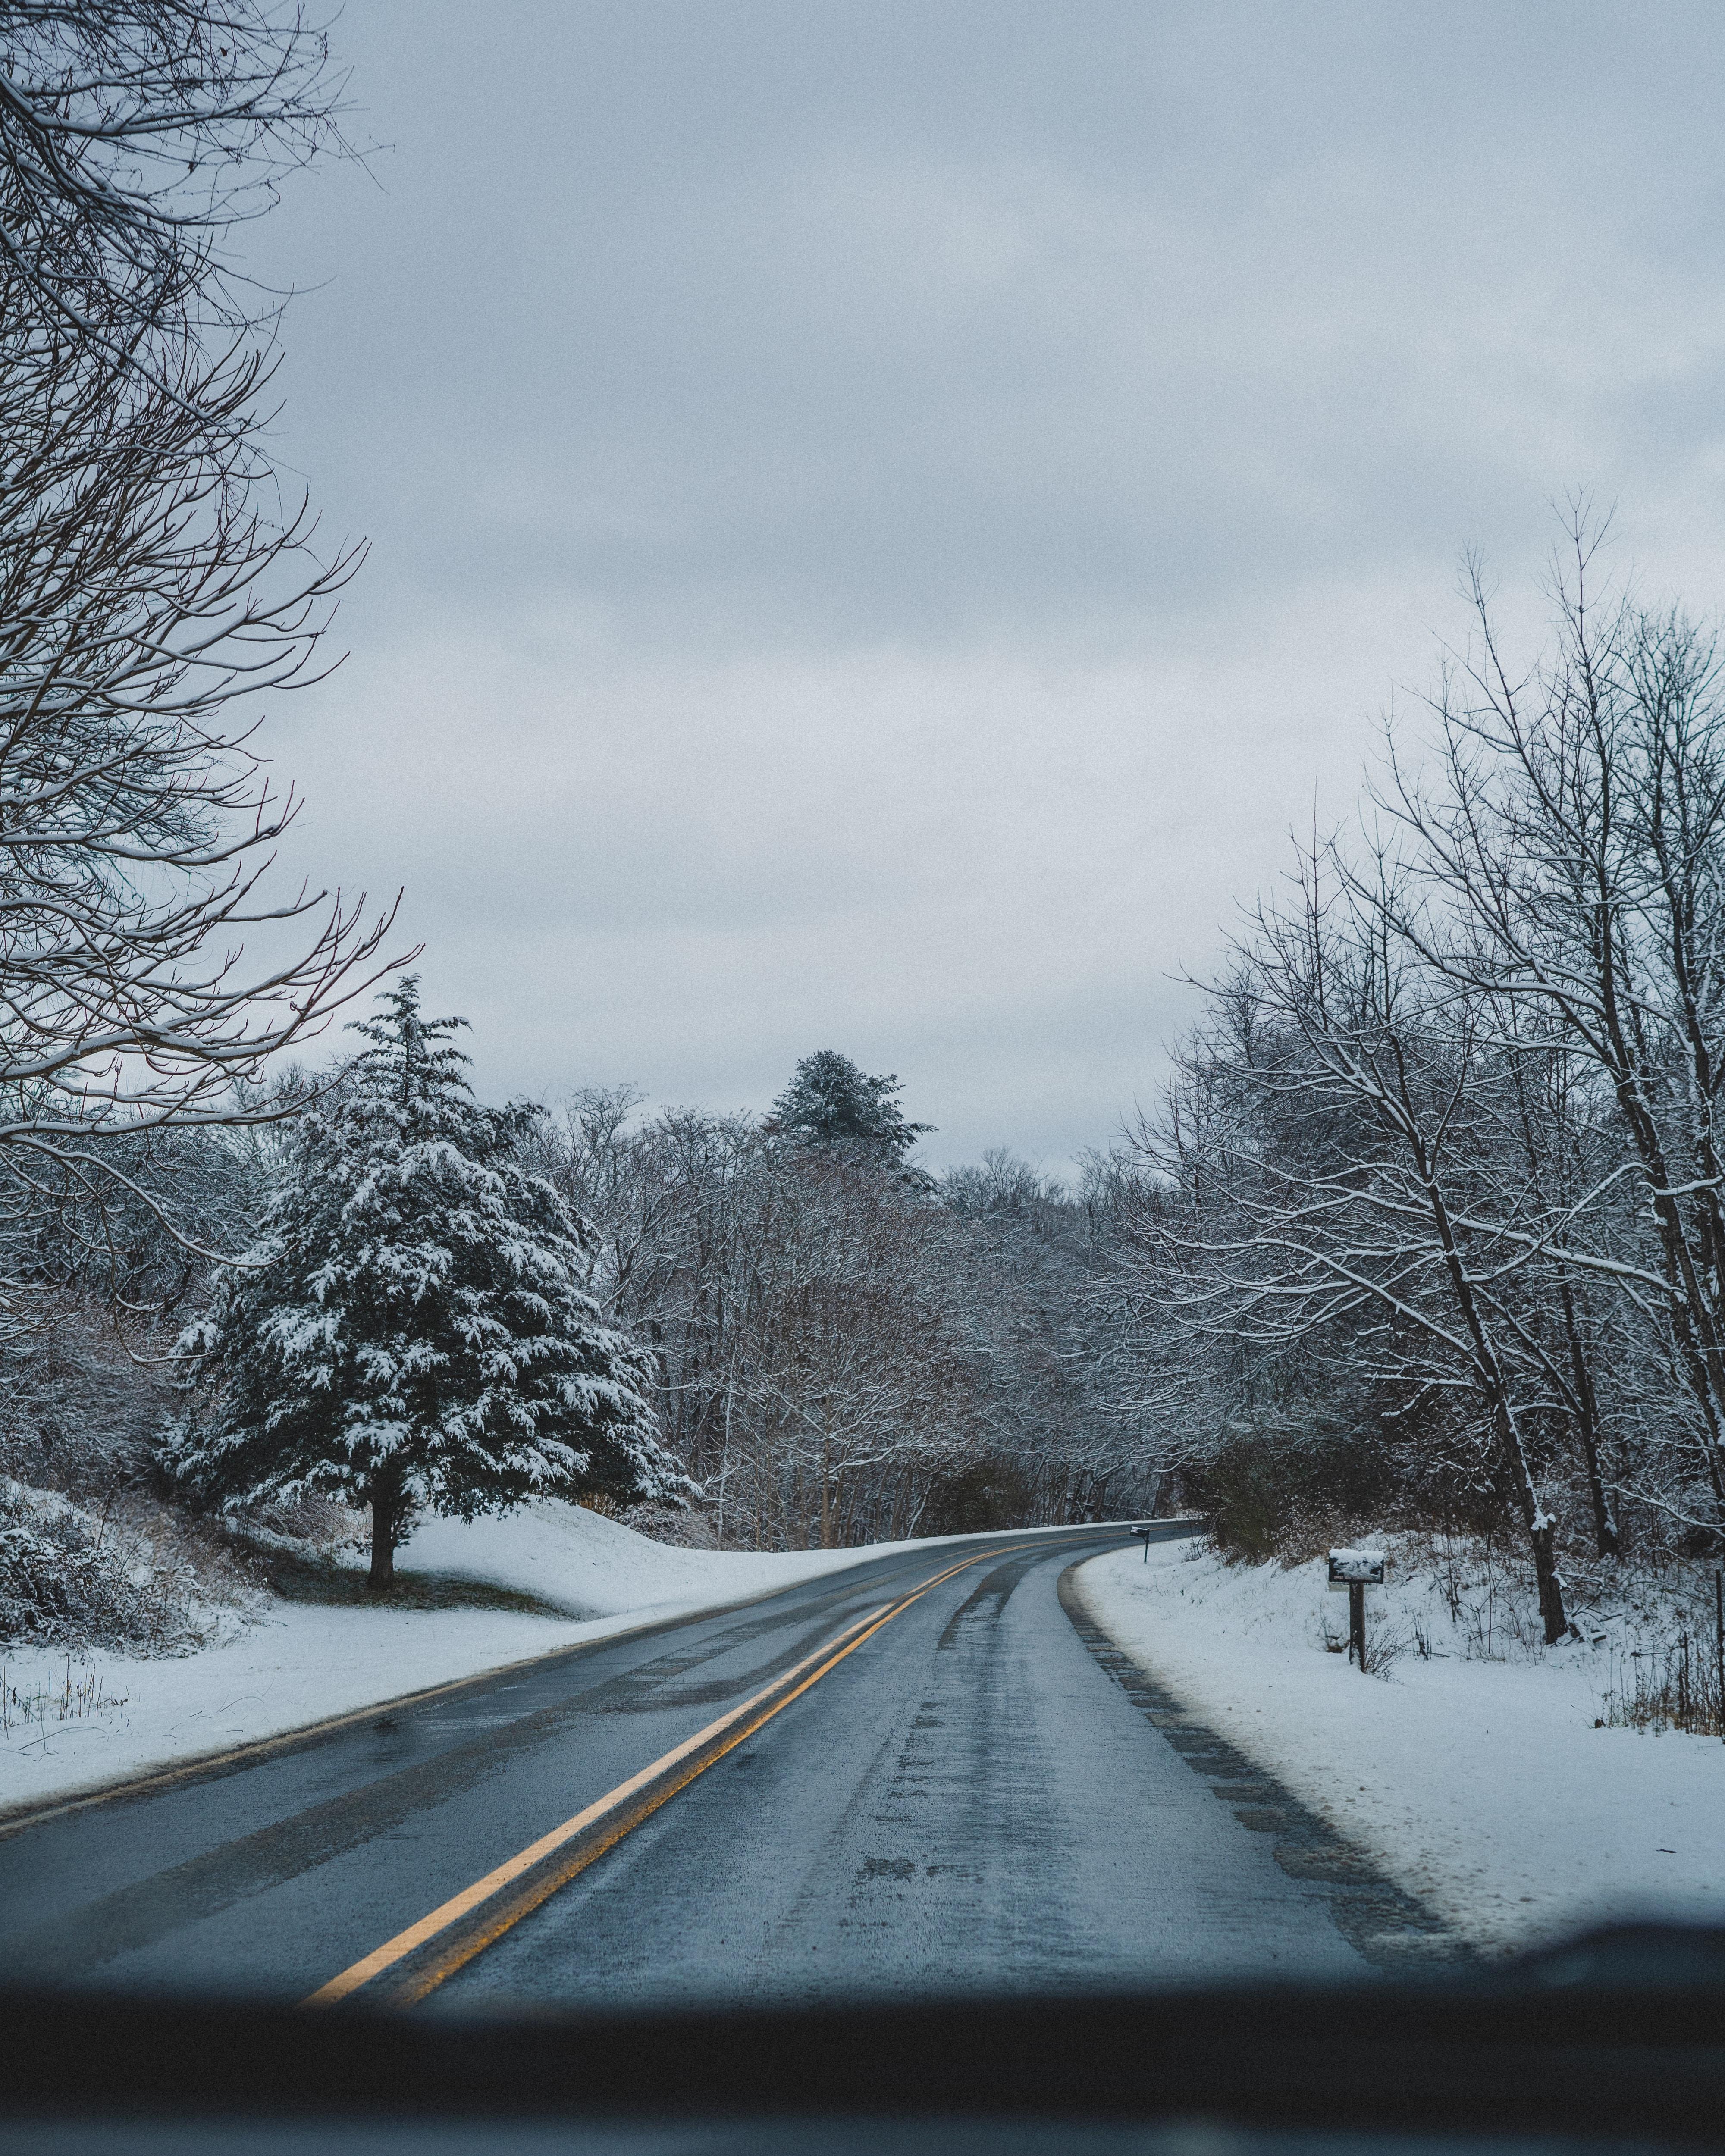 119172 скачать обои Асфальт, Зима, Природа, Снег, Дорога, Поворот - заставки и картинки бесплатно